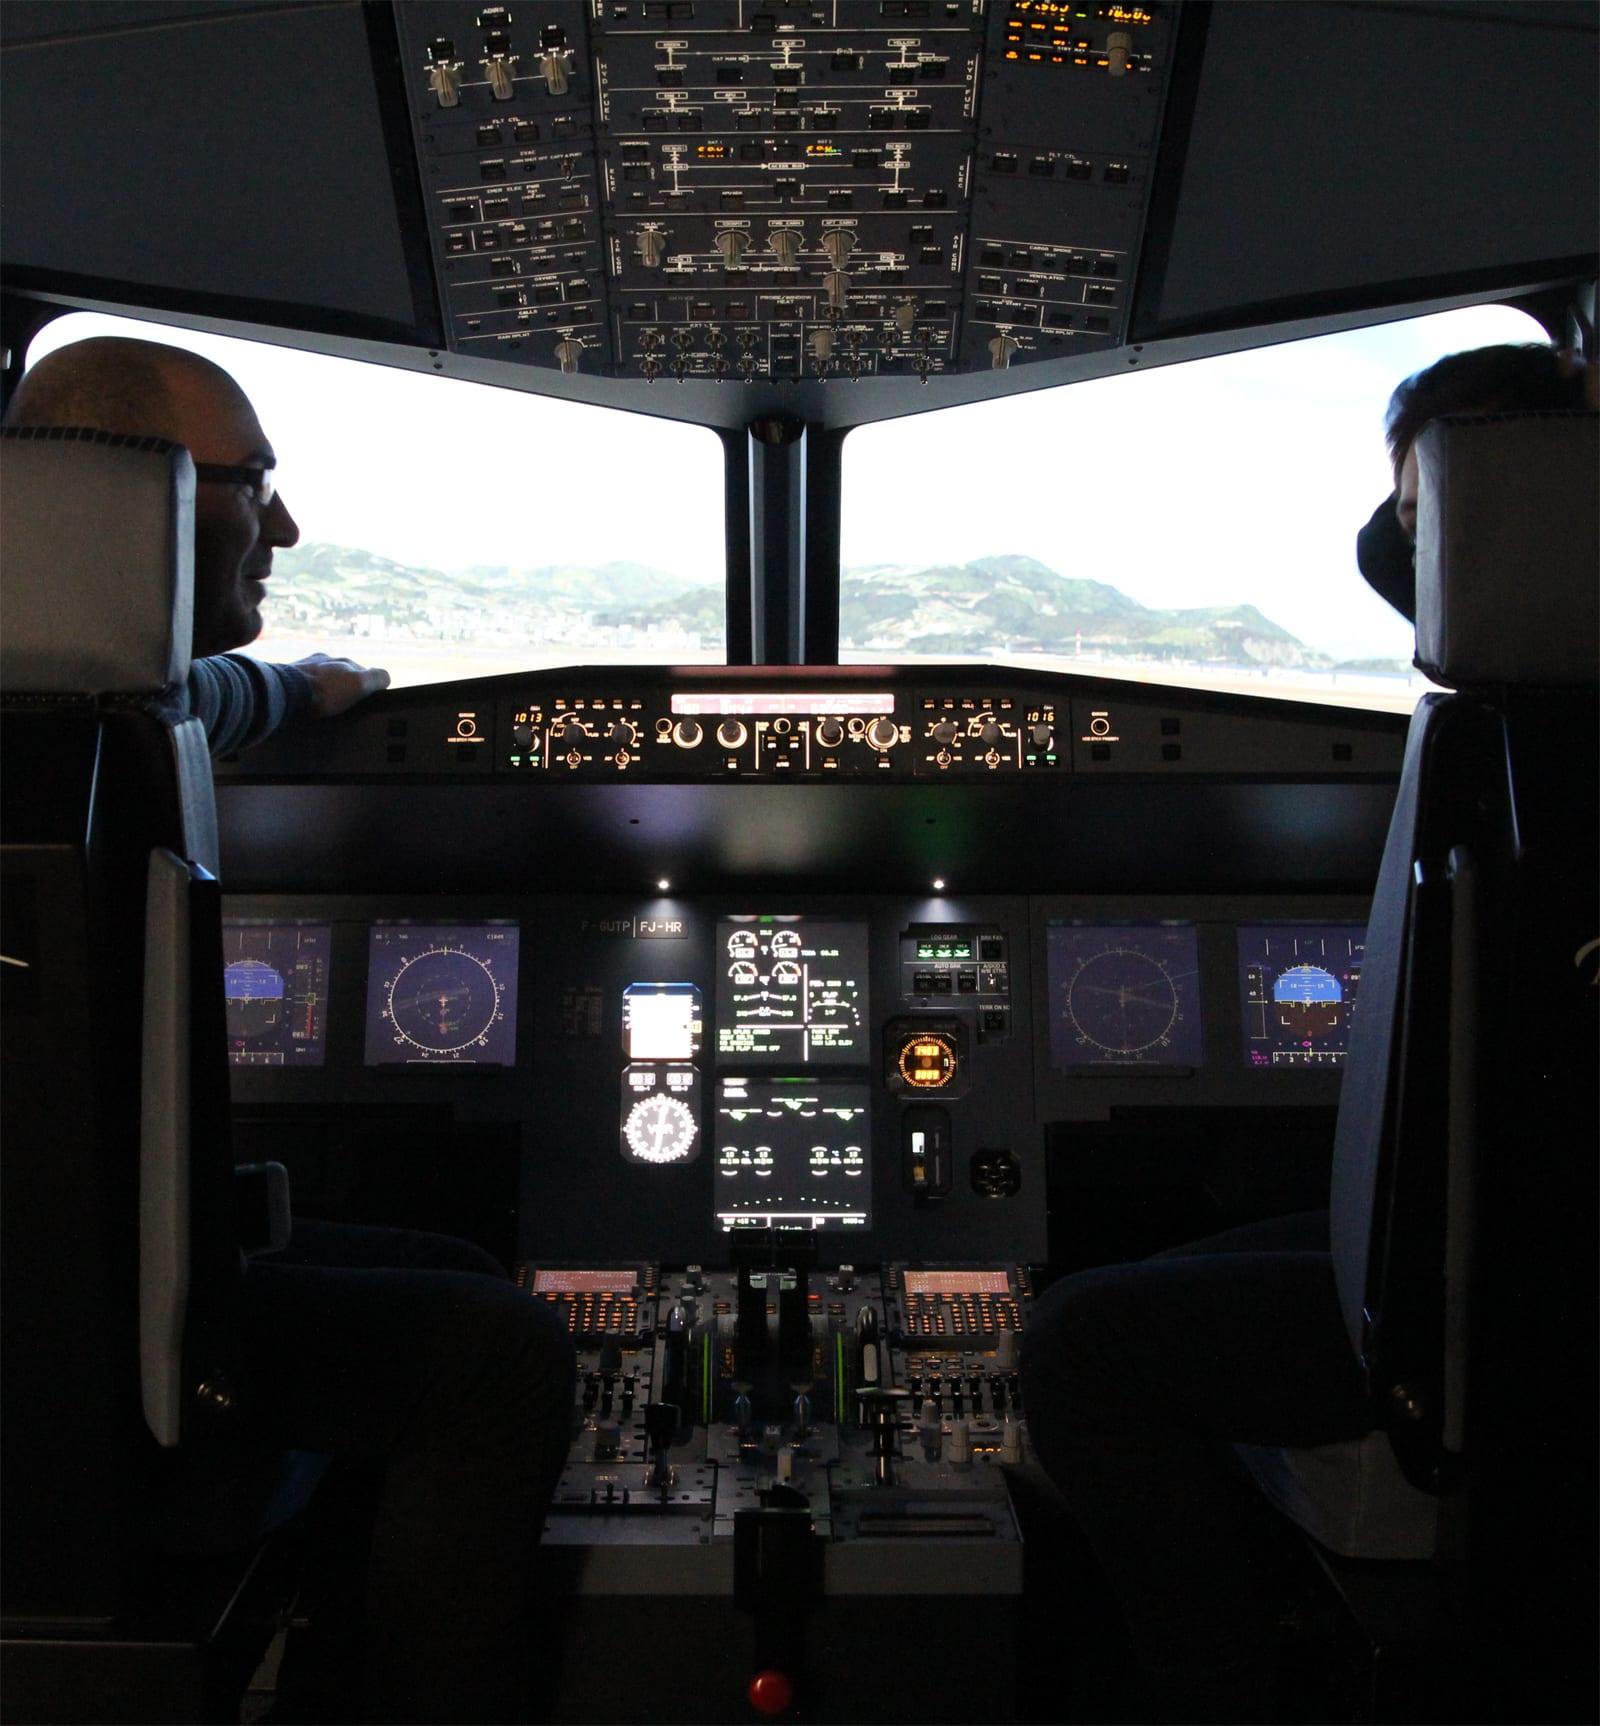 simulateur-vol-avion-ligne-pilote-femme